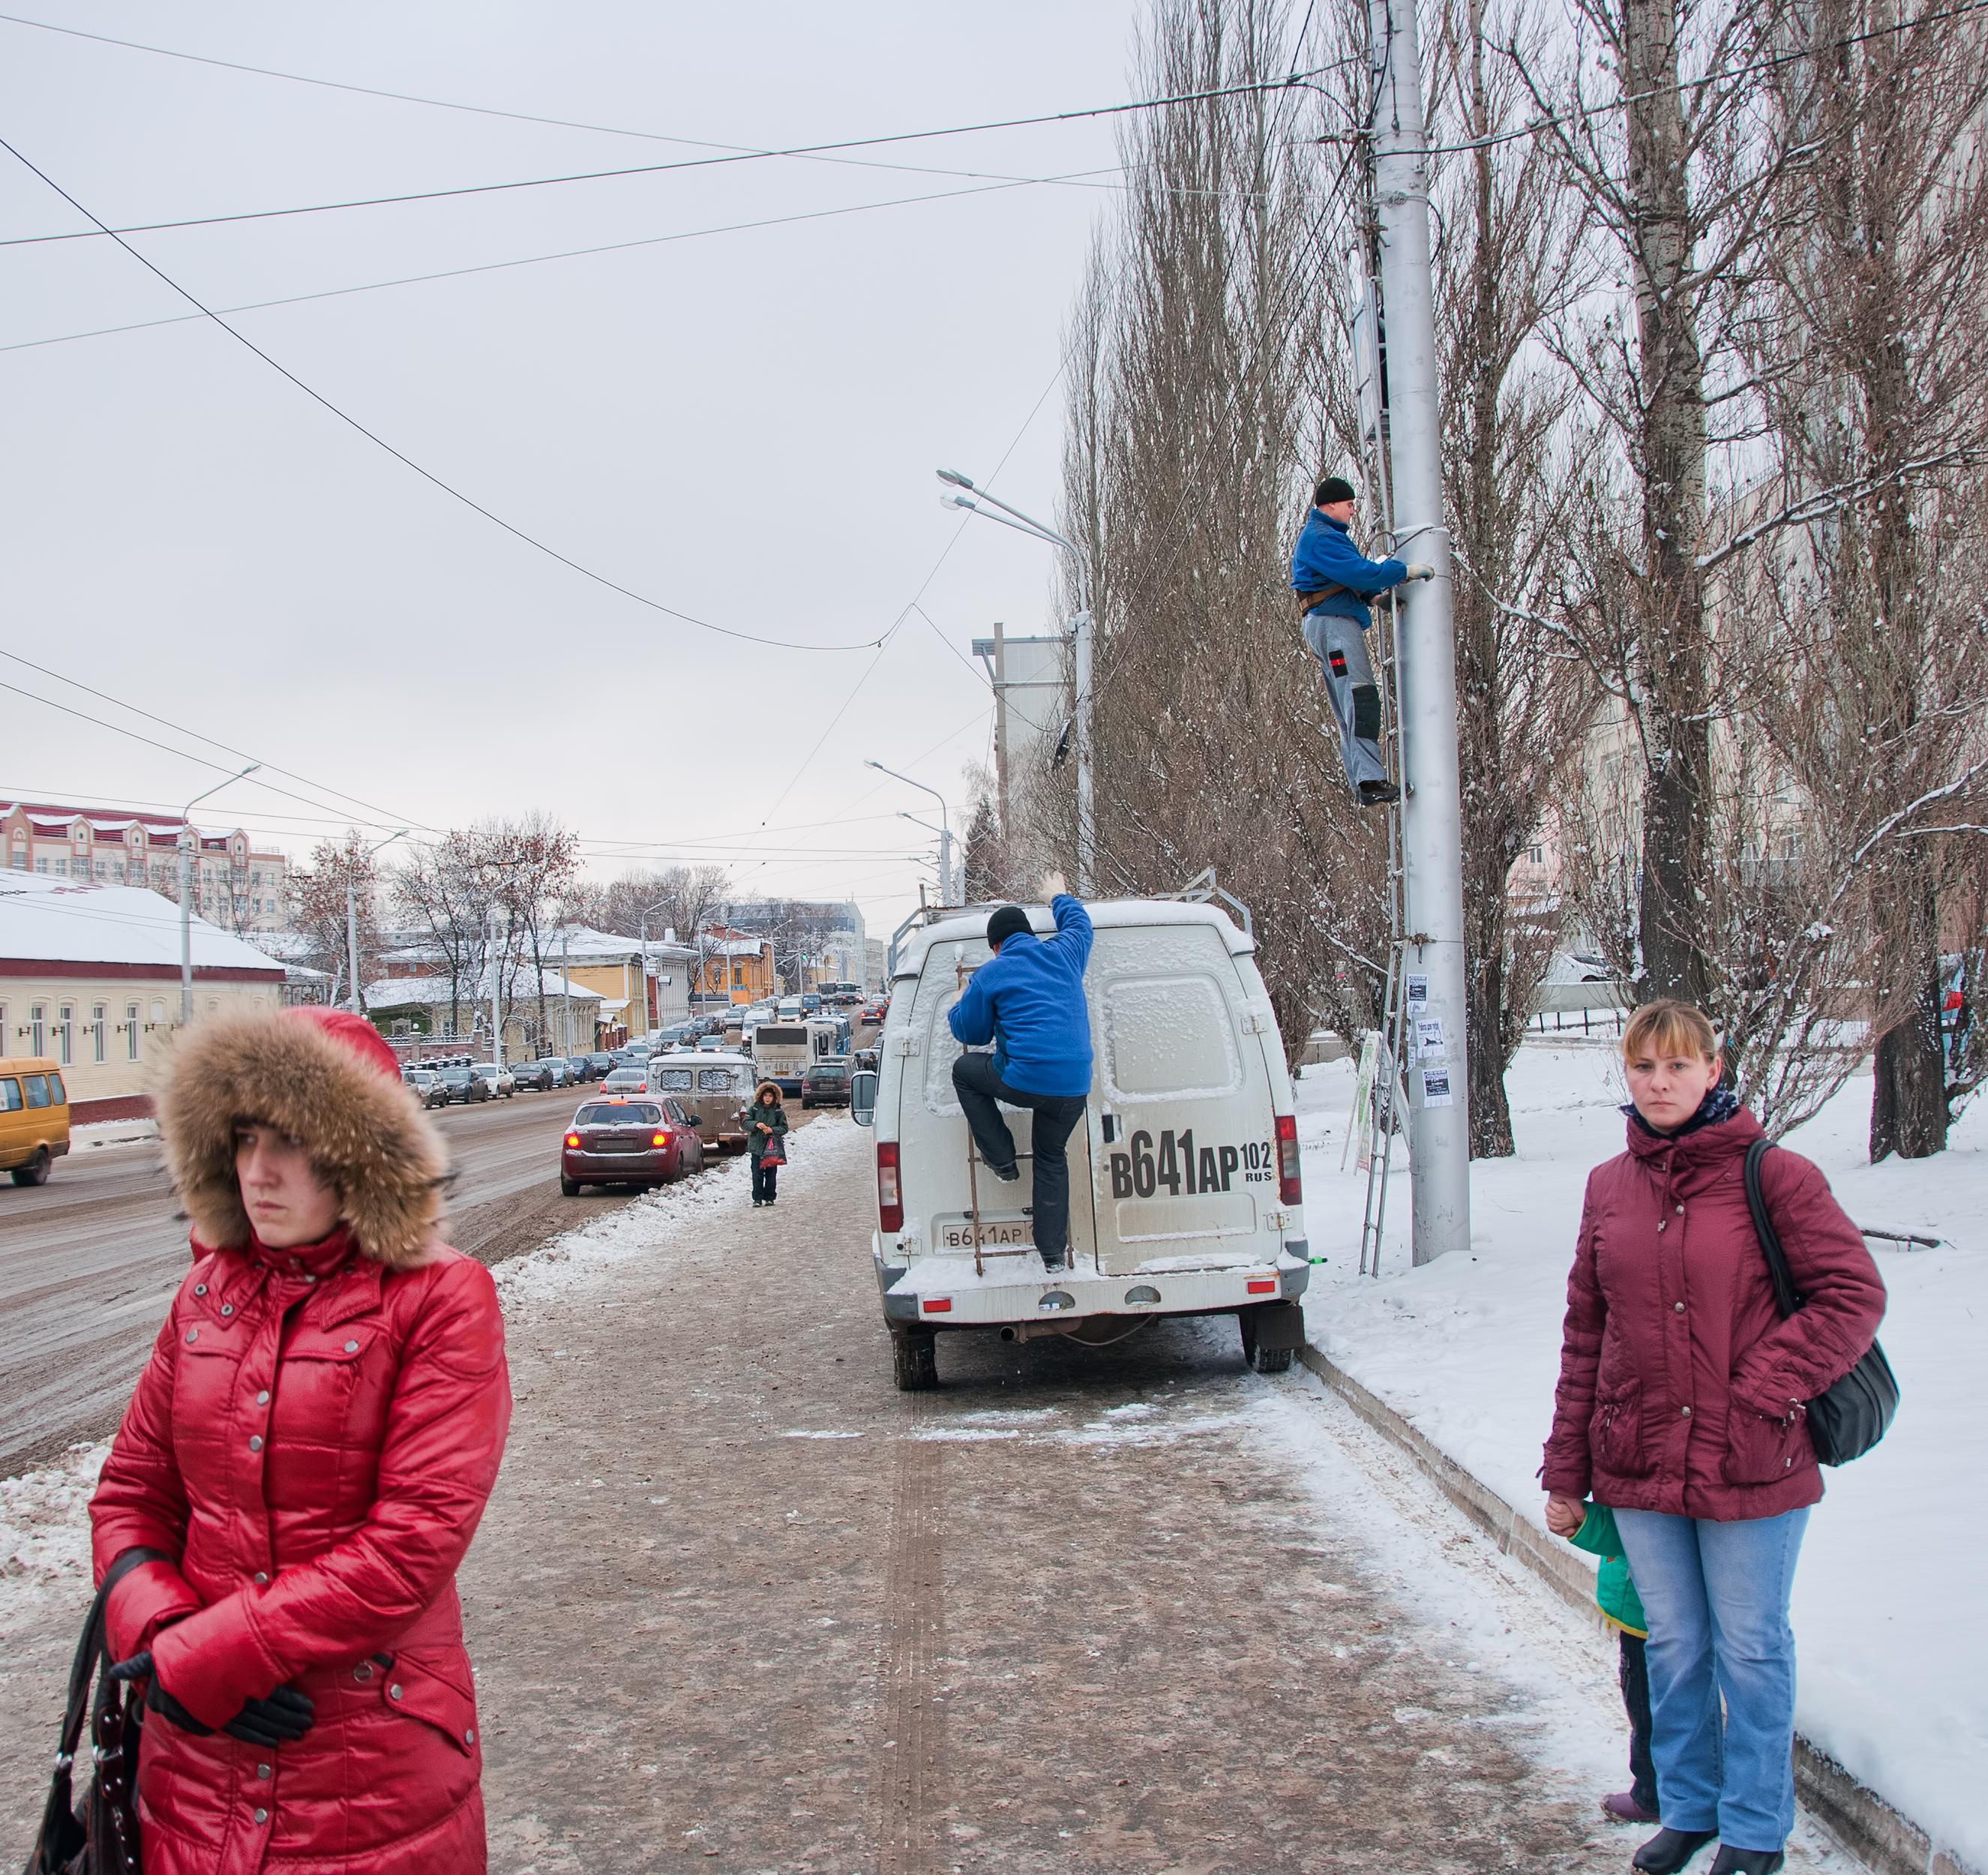 Telecommunications worker photo